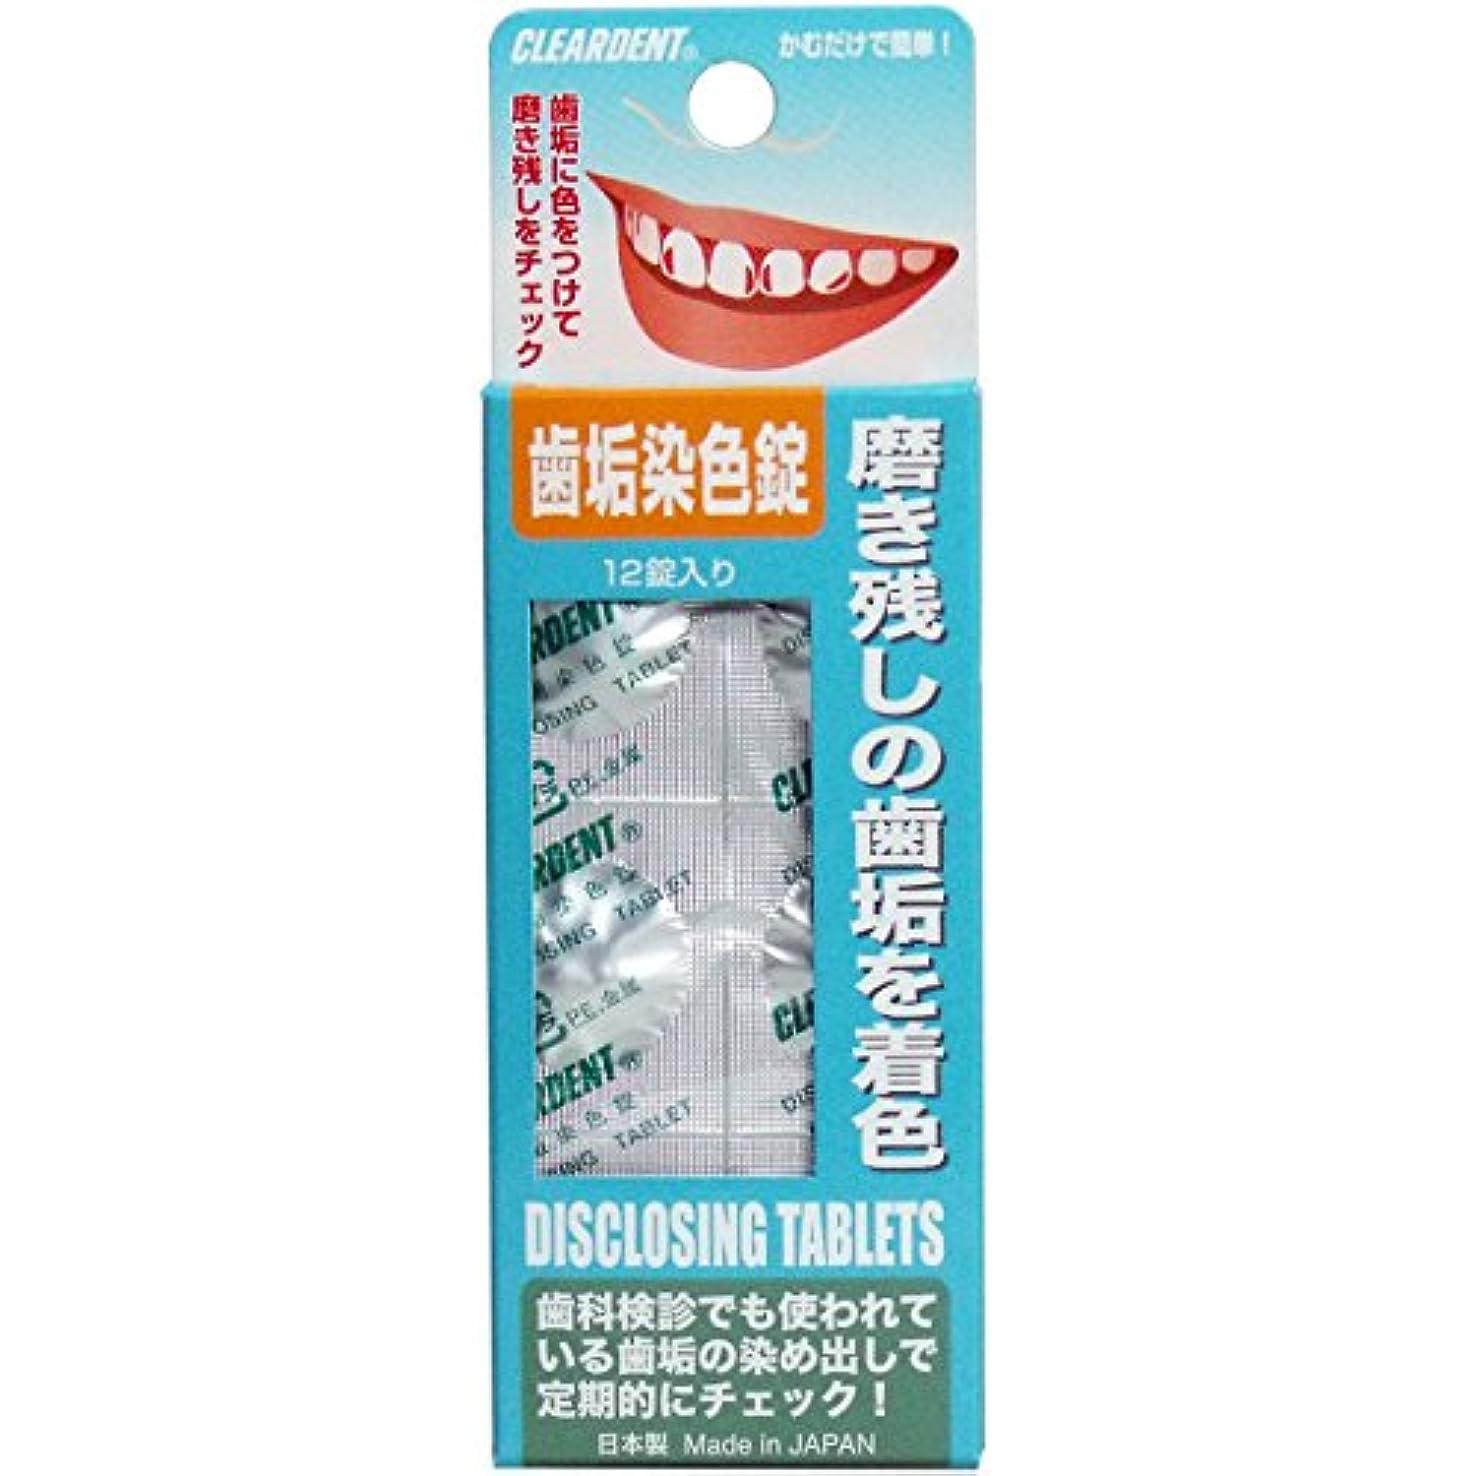 ランクビル作りますクリアデント歯垢染色錠 12錠